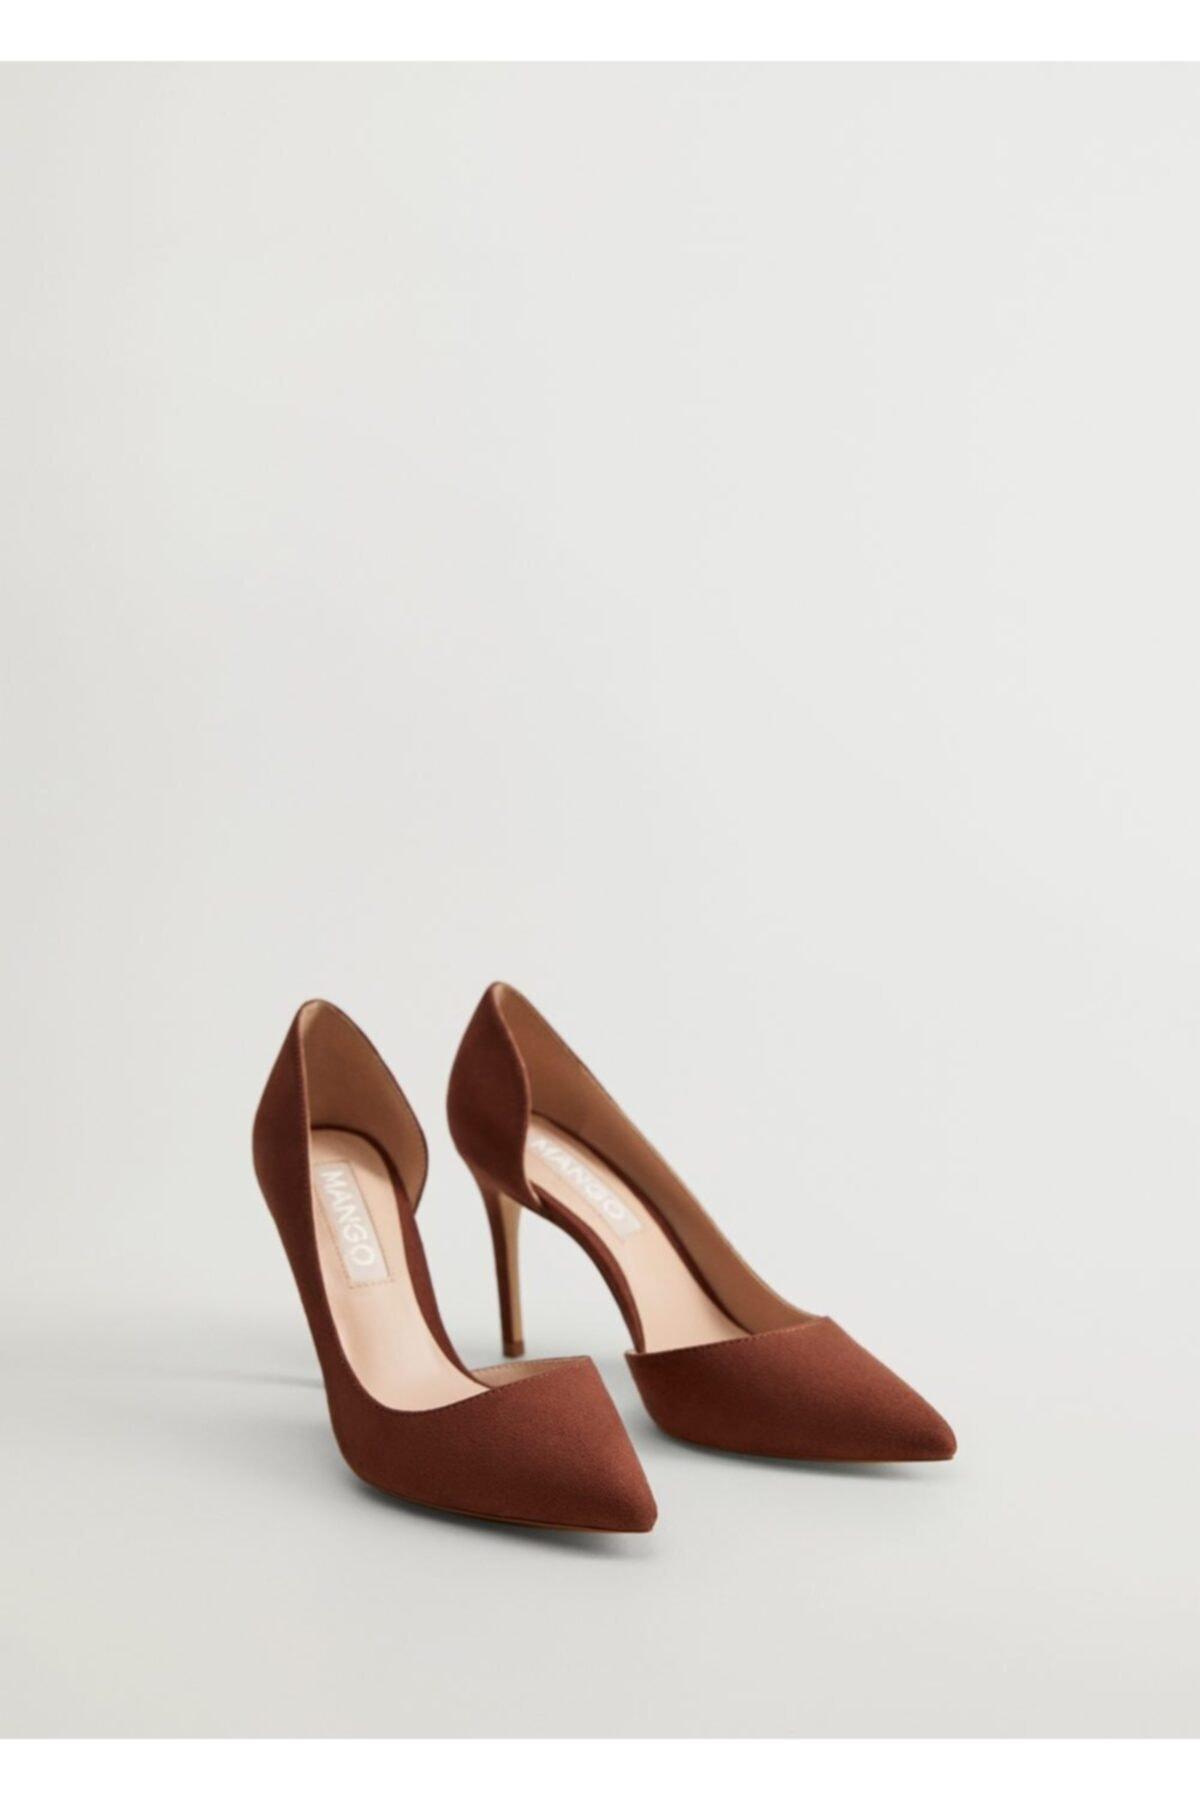 MANGO Woman Kadın Uçuk Pembe Asimetrik Stiletto Ayakkabı 63173047 1